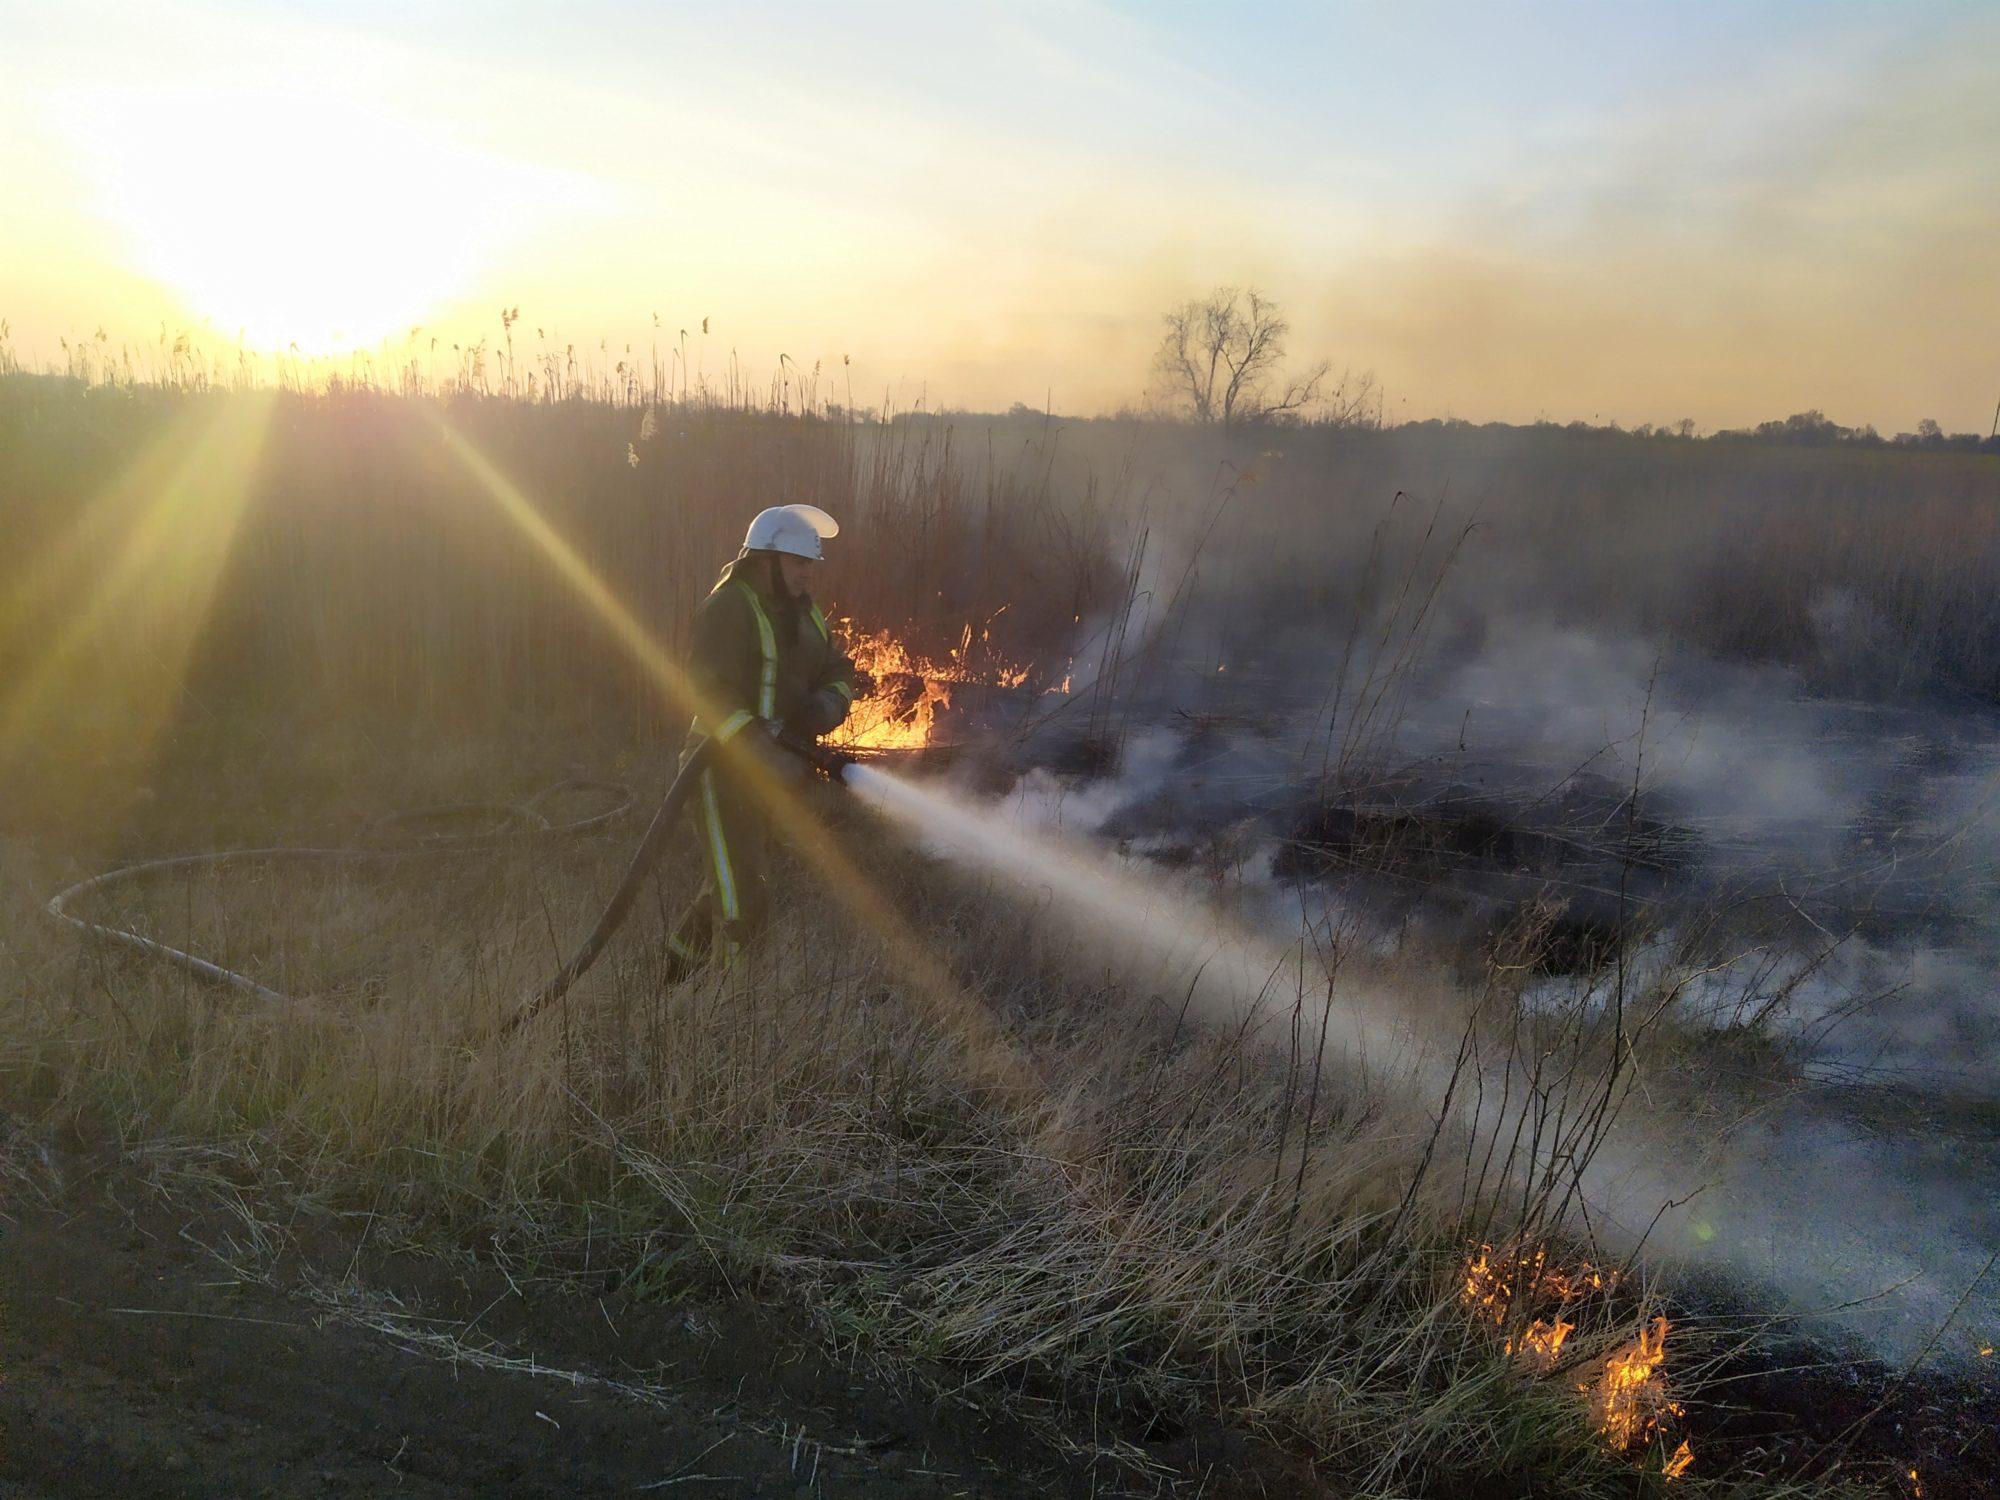 На Білоцерківщині сталось кілька загорань сухої трави та очерету - пожежі в екосистемах, Білоцерківщина - IMG 20200412 191750 2000x1500